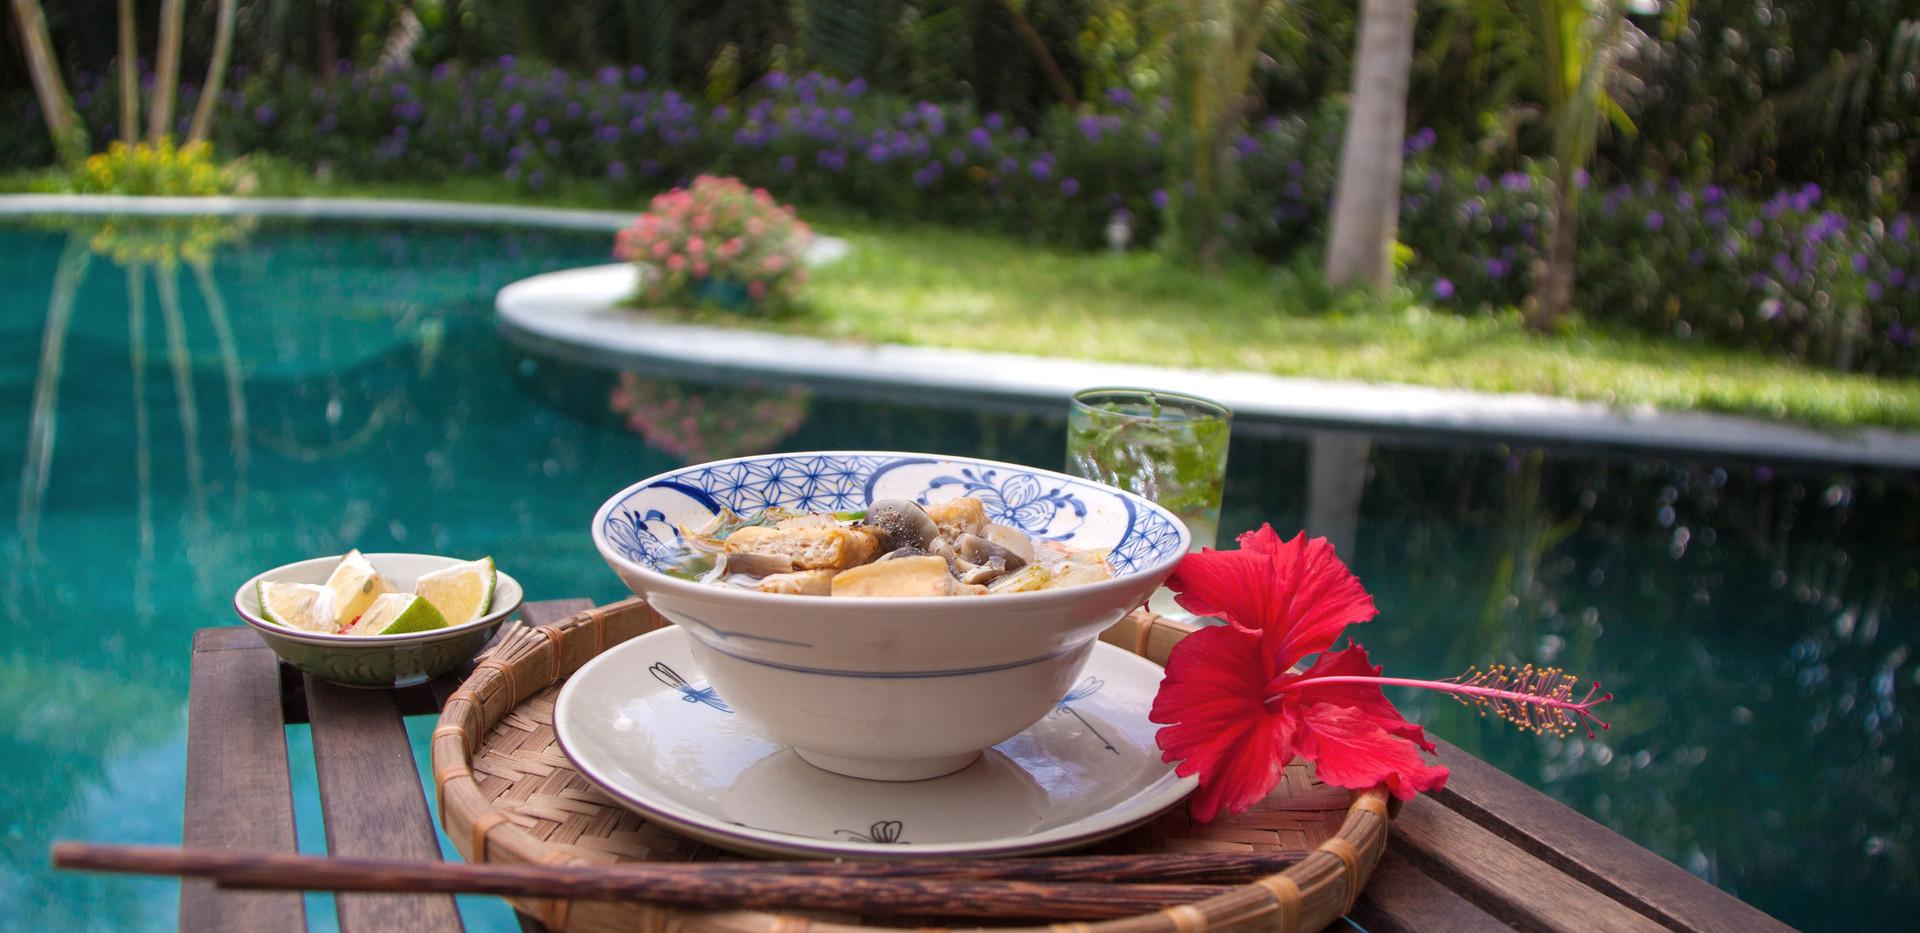 Food-Vegan noodle.jpg